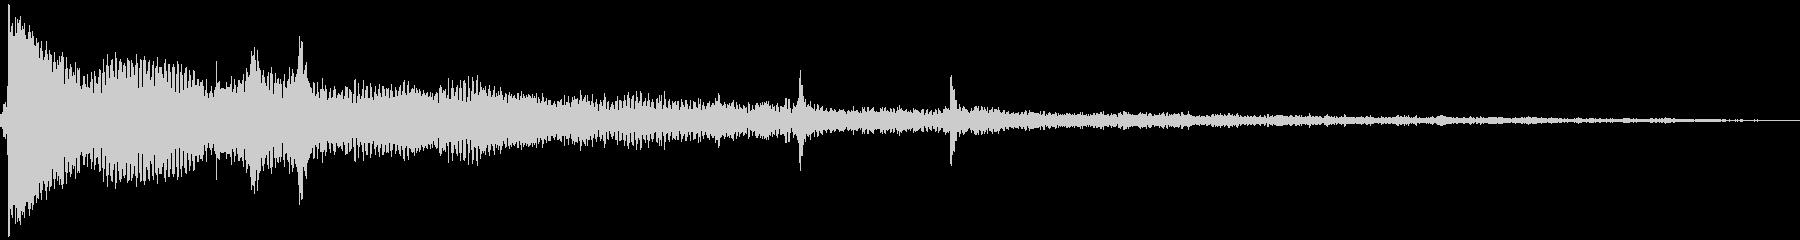 カーン(機械音)の未再生の波形